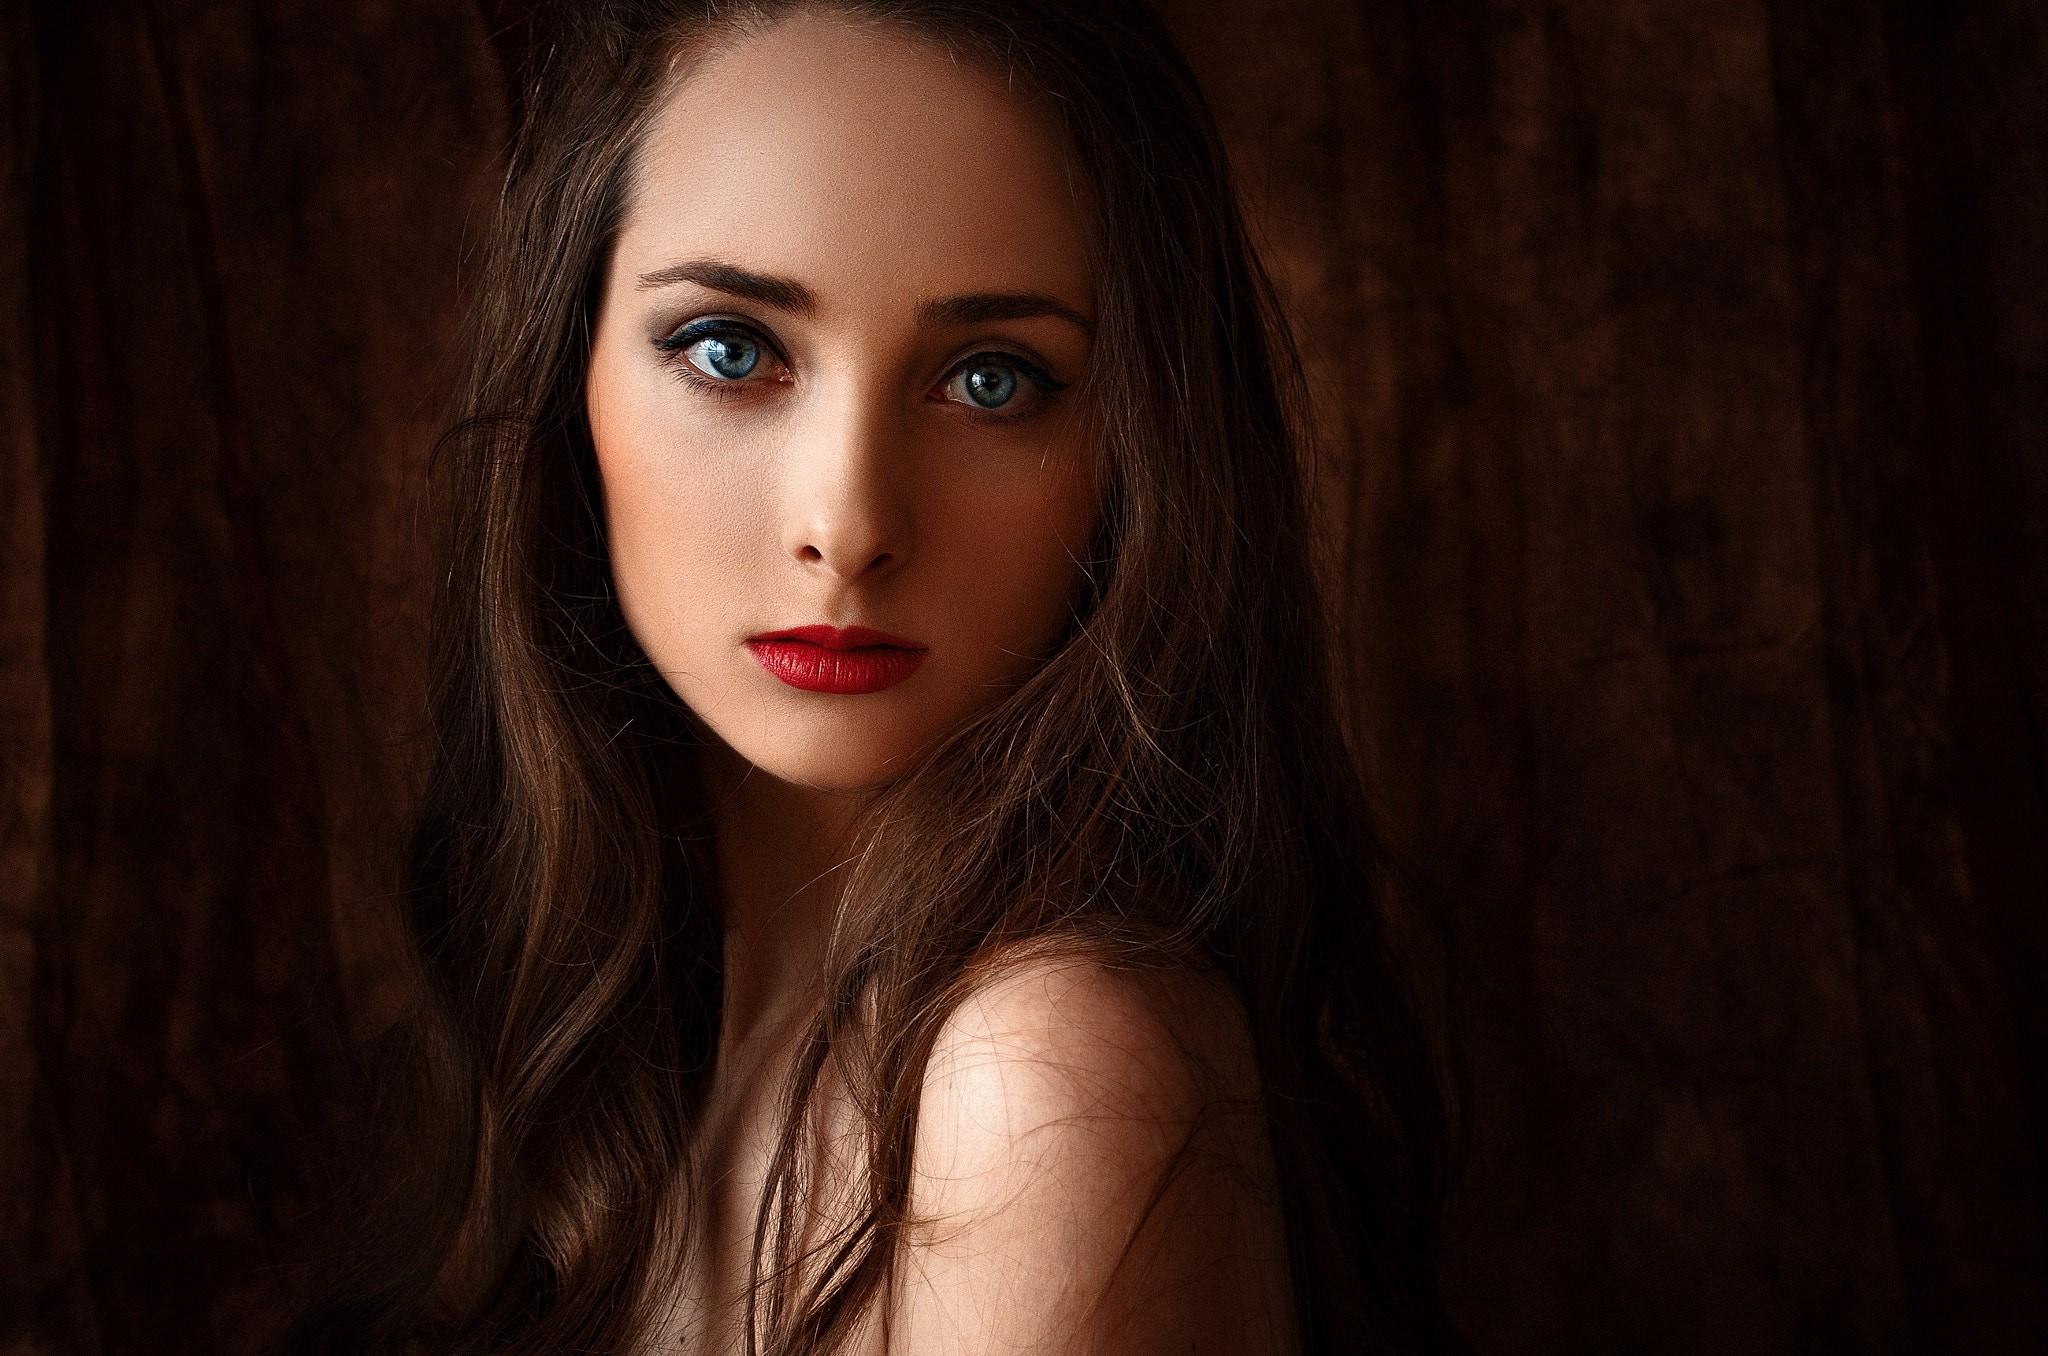 Красивые девушки с большими глазами